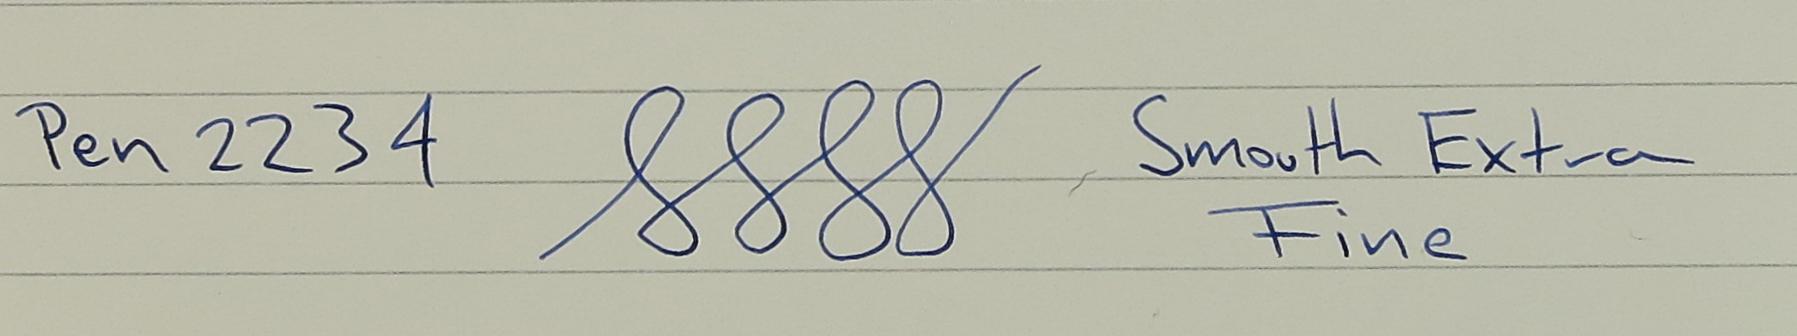 Large Sheaffer Balance - Black (Pen 2234)